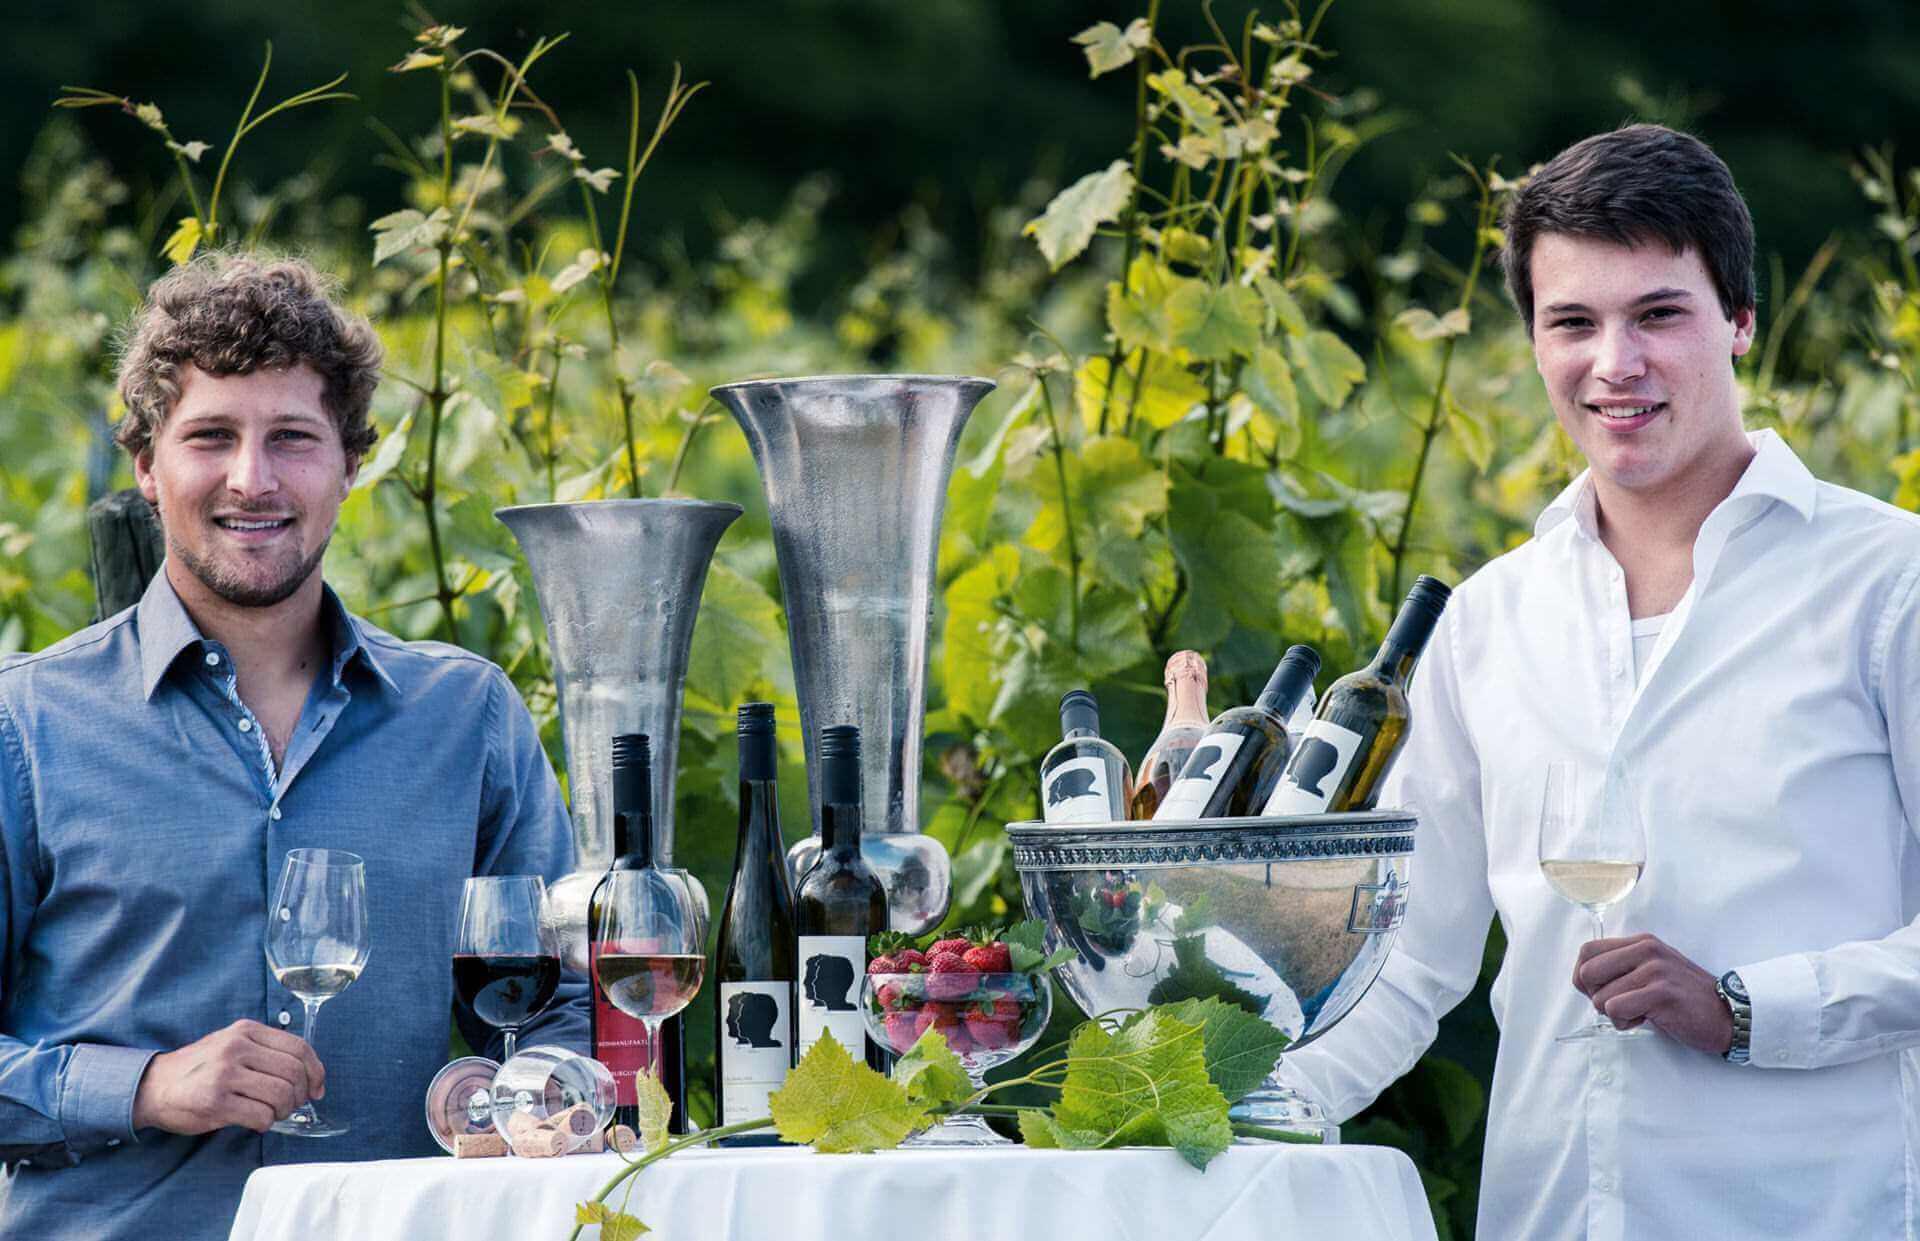 Brüder Philipp und Andreas Brummund mit Wein im Weinberg